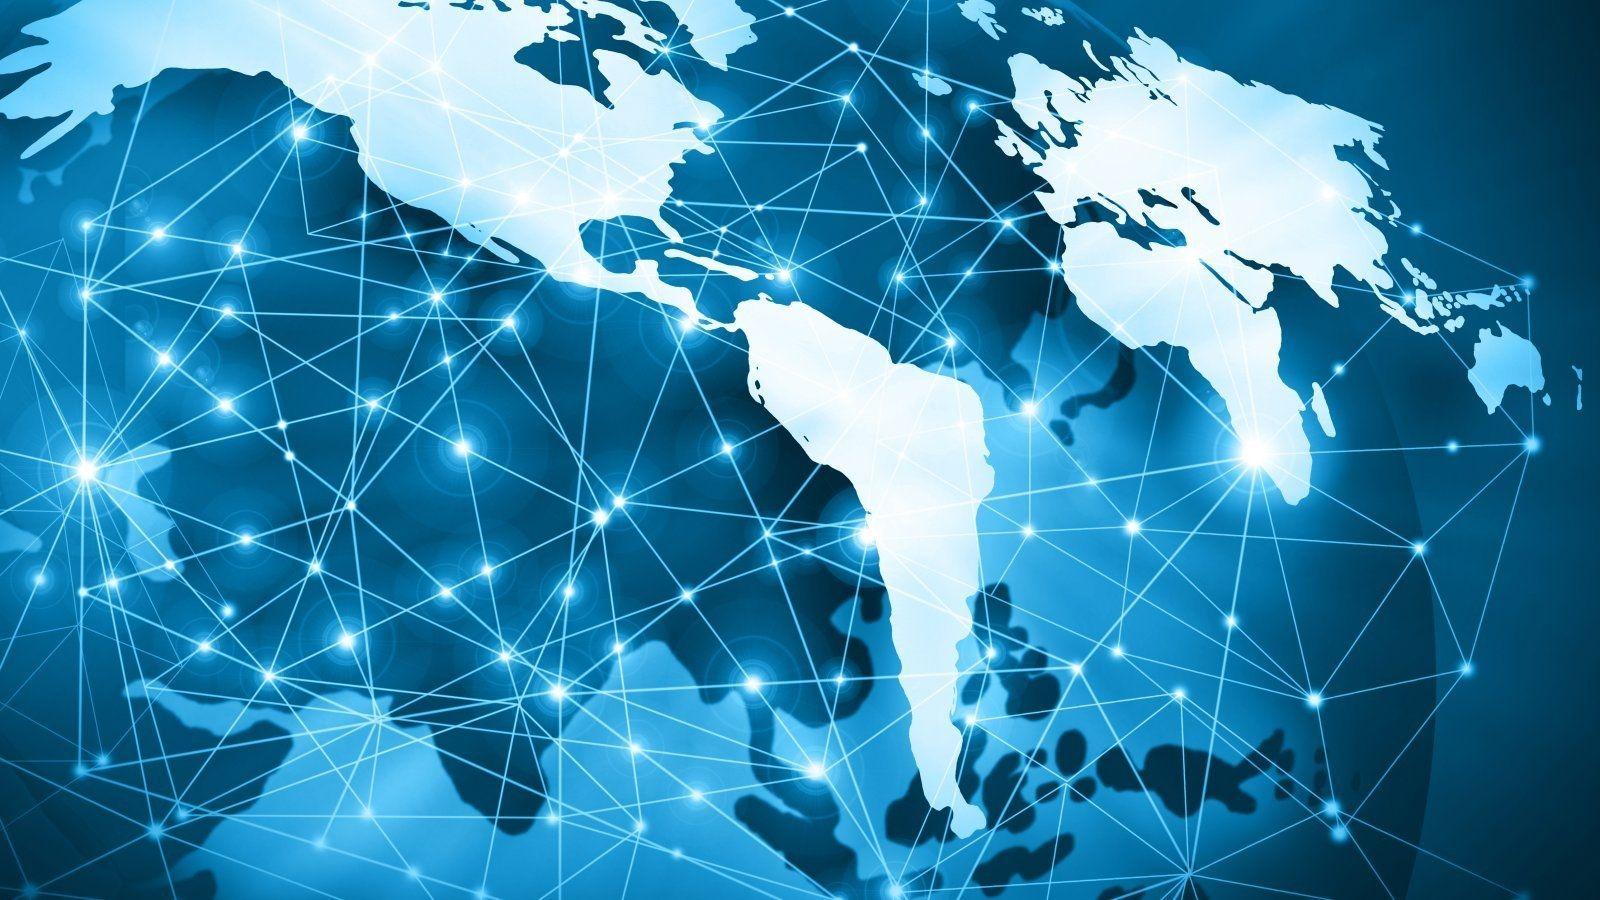 Coronavirus : Thierry Breton demande à Netflix et autres d'abandonner la HD non nécessaire